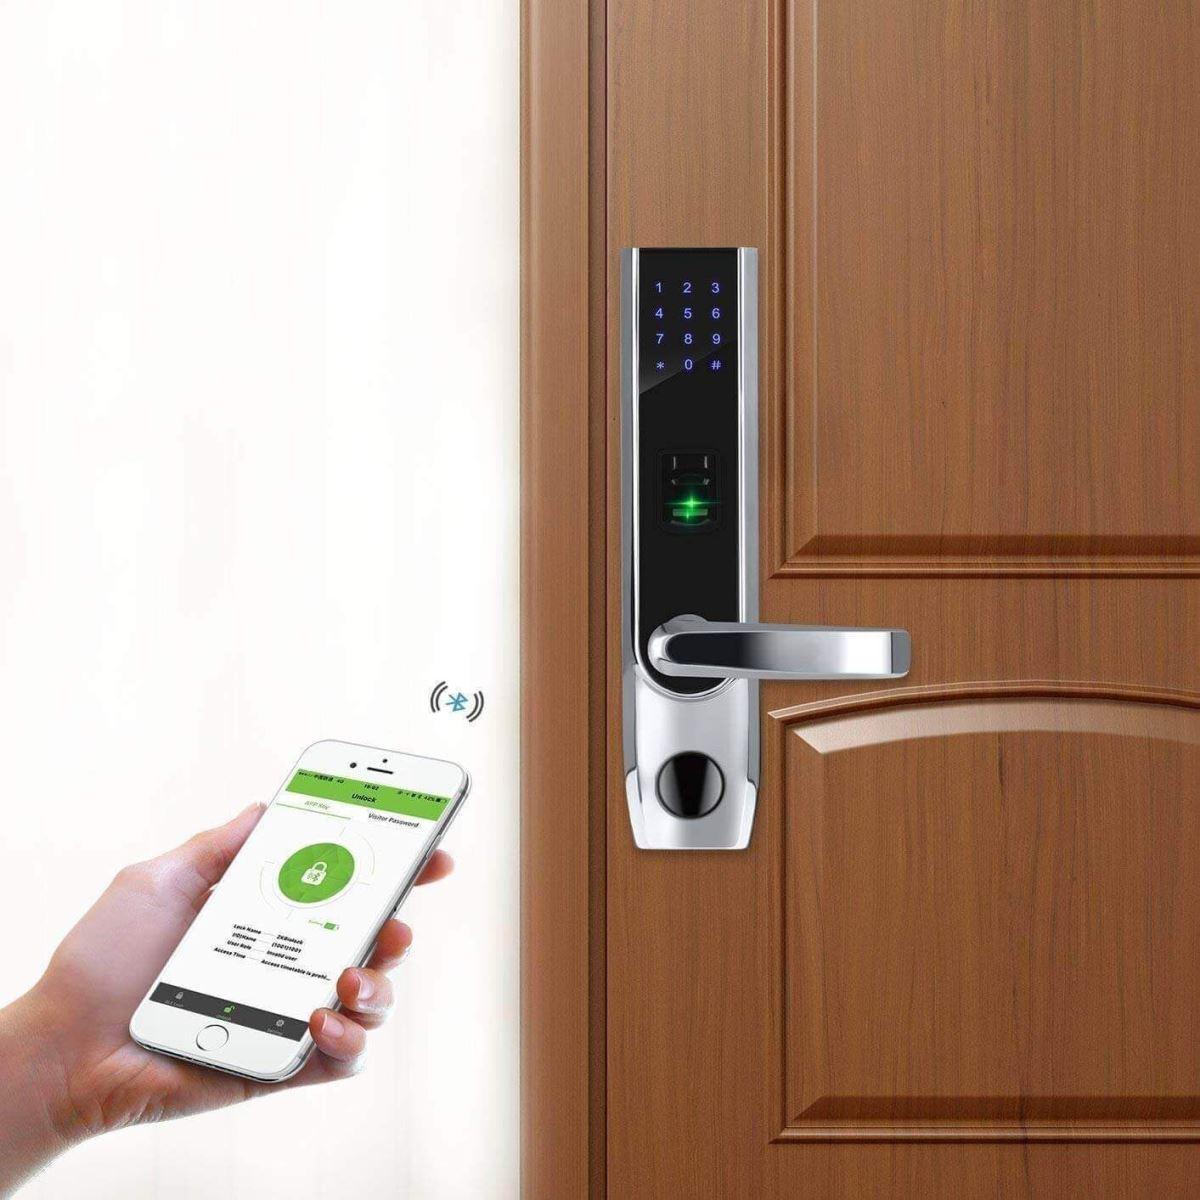 TẠI SAO CẦN LẮP KHÓA CỪA THÔNG MINH,lắp khóa cửa thông minh như thế nào,khóa cửa thông minh là gì,khóa cửa thông minh đối với thời đại 4.0.lắp đặt khóa cửa thông minh giá rẻ